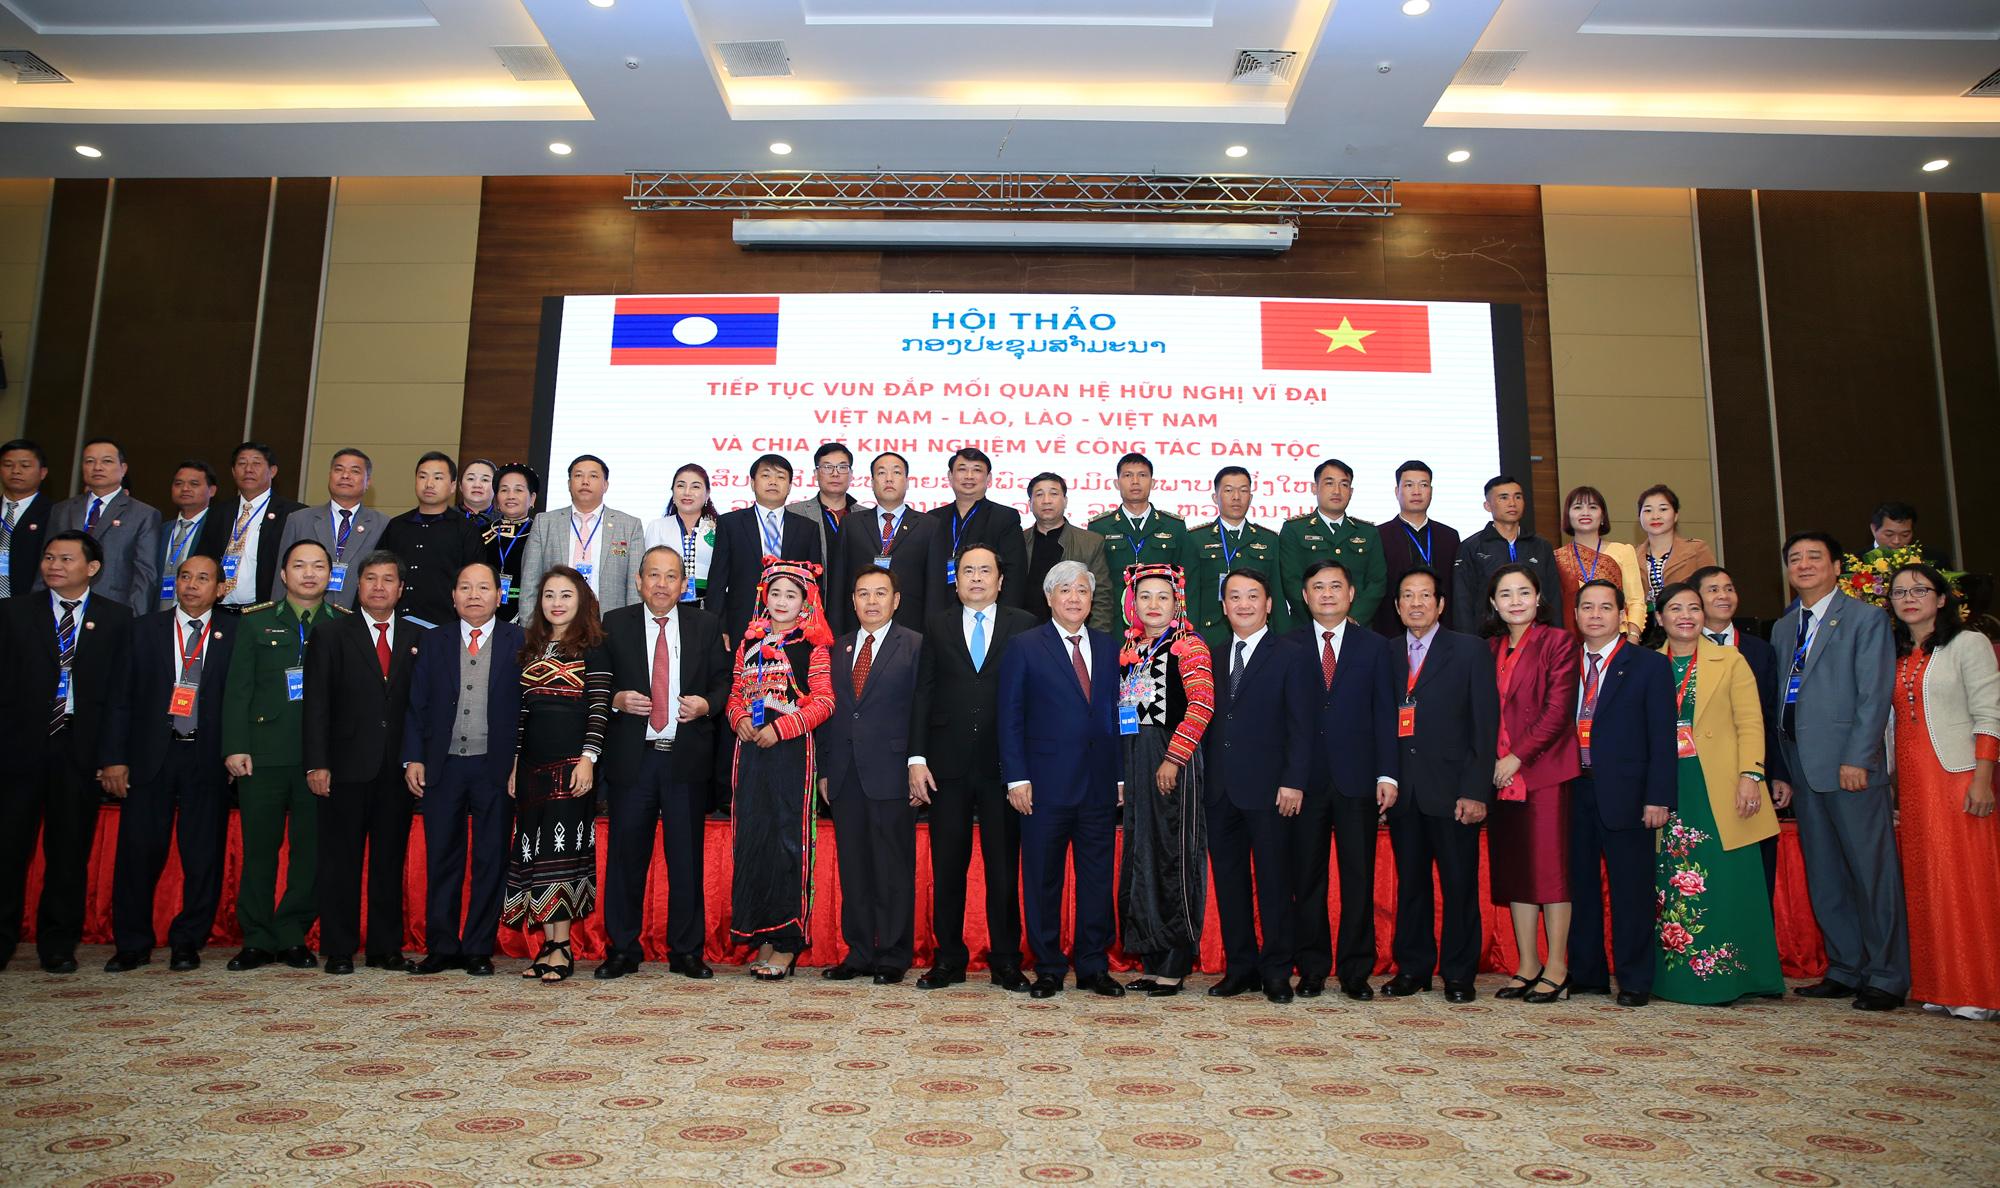 Các đại biểu chụp ảnh lưu niệm cùng với lãnh đạo cấp cao của hai Nhà nước Việt Nam và Lào